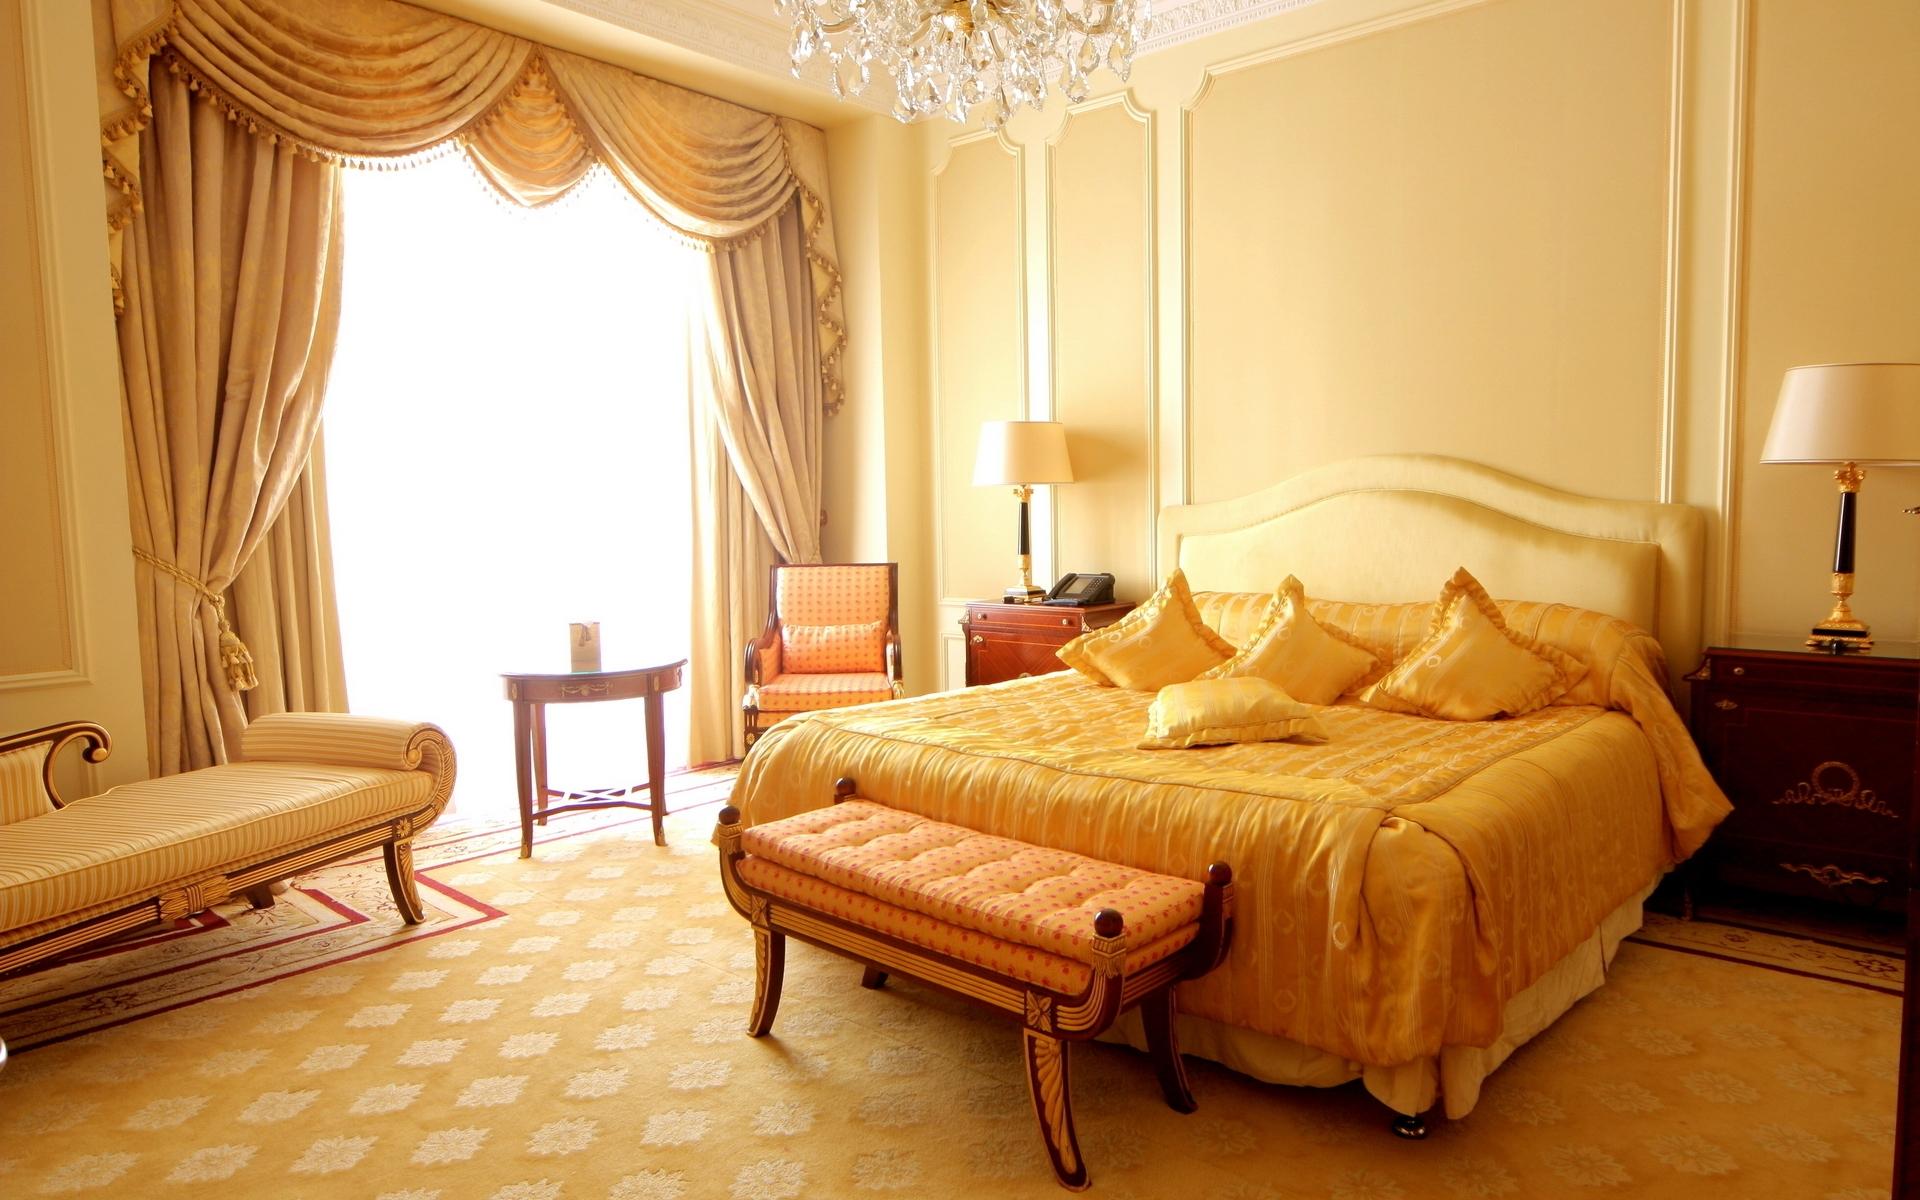 Camera Da Letto Giallo : Sfondi camera giallo sedia le tende camera da letto